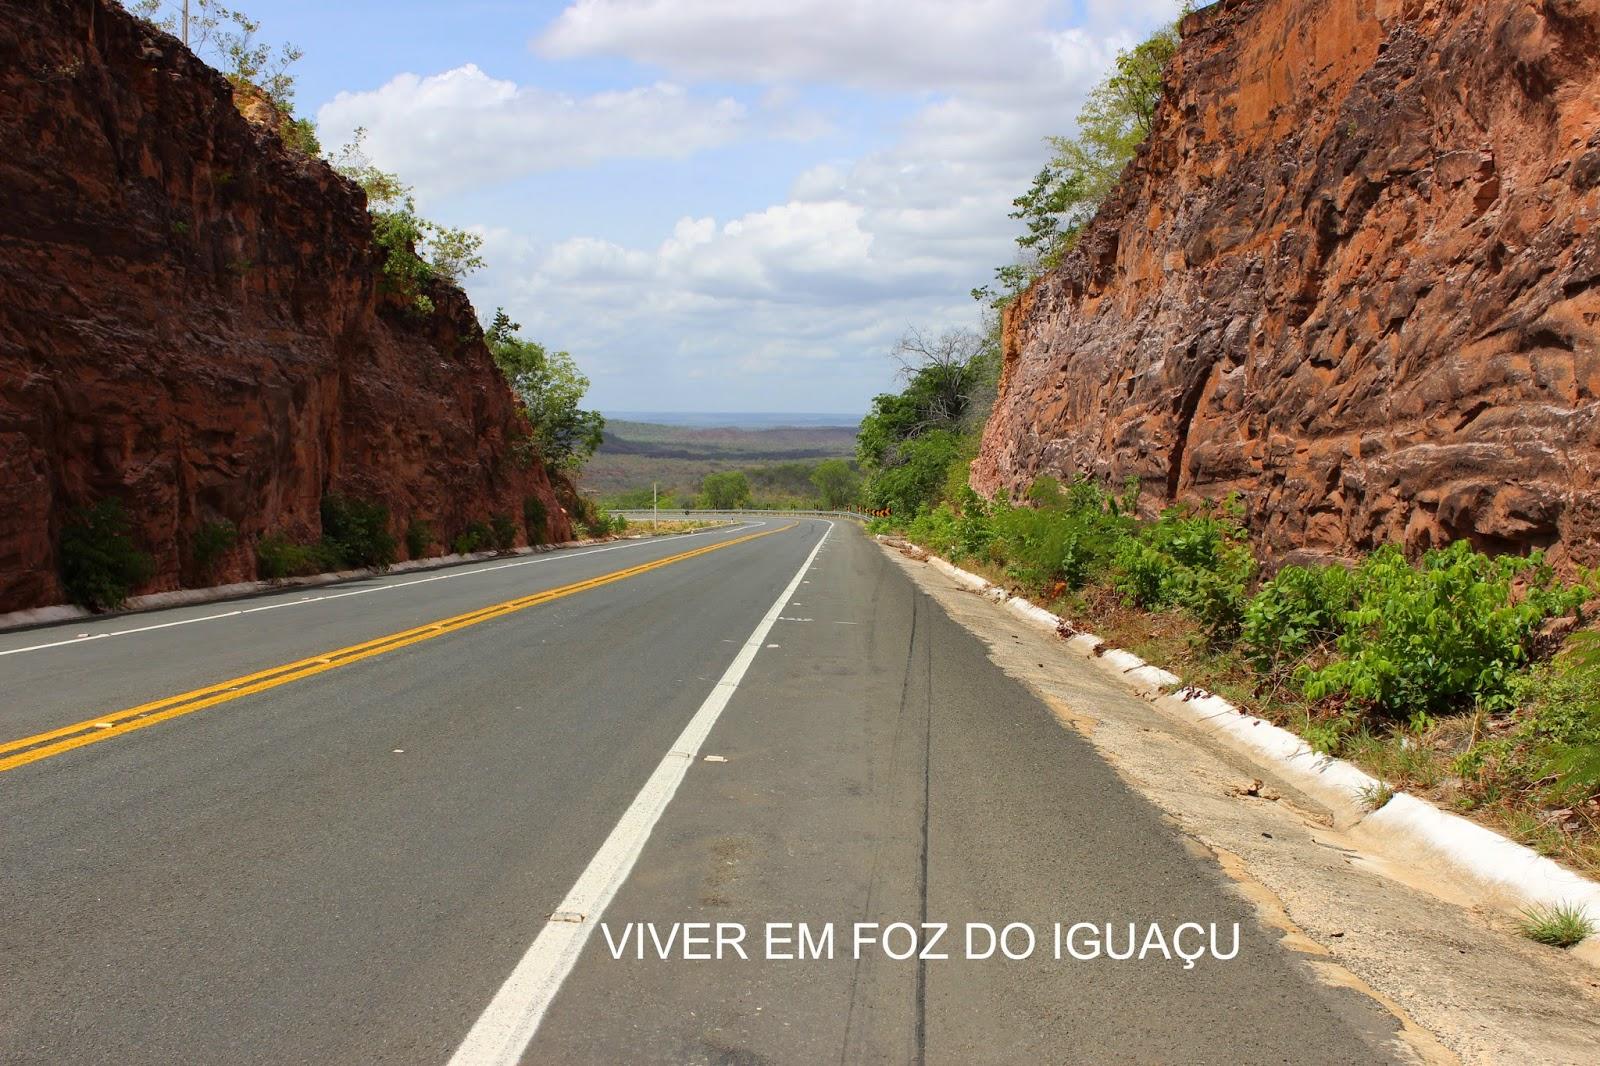 Viagem para Foz do Iguaçu: De carro cruzando o Brasil